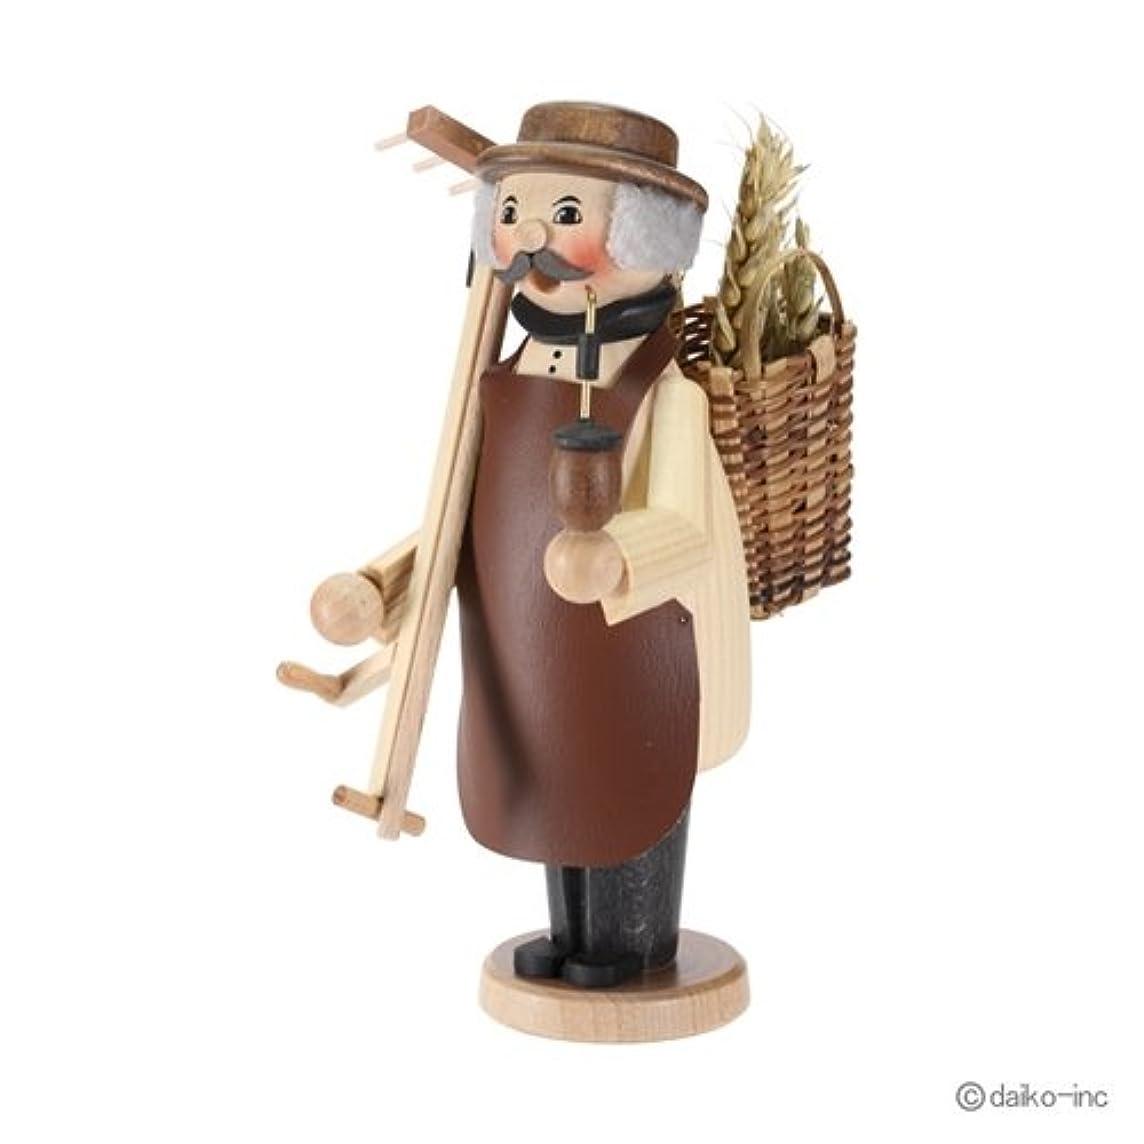 あなたのもの買い物に行く名門クーネルト kuhnert ミニパイプ人形香炉 農夫